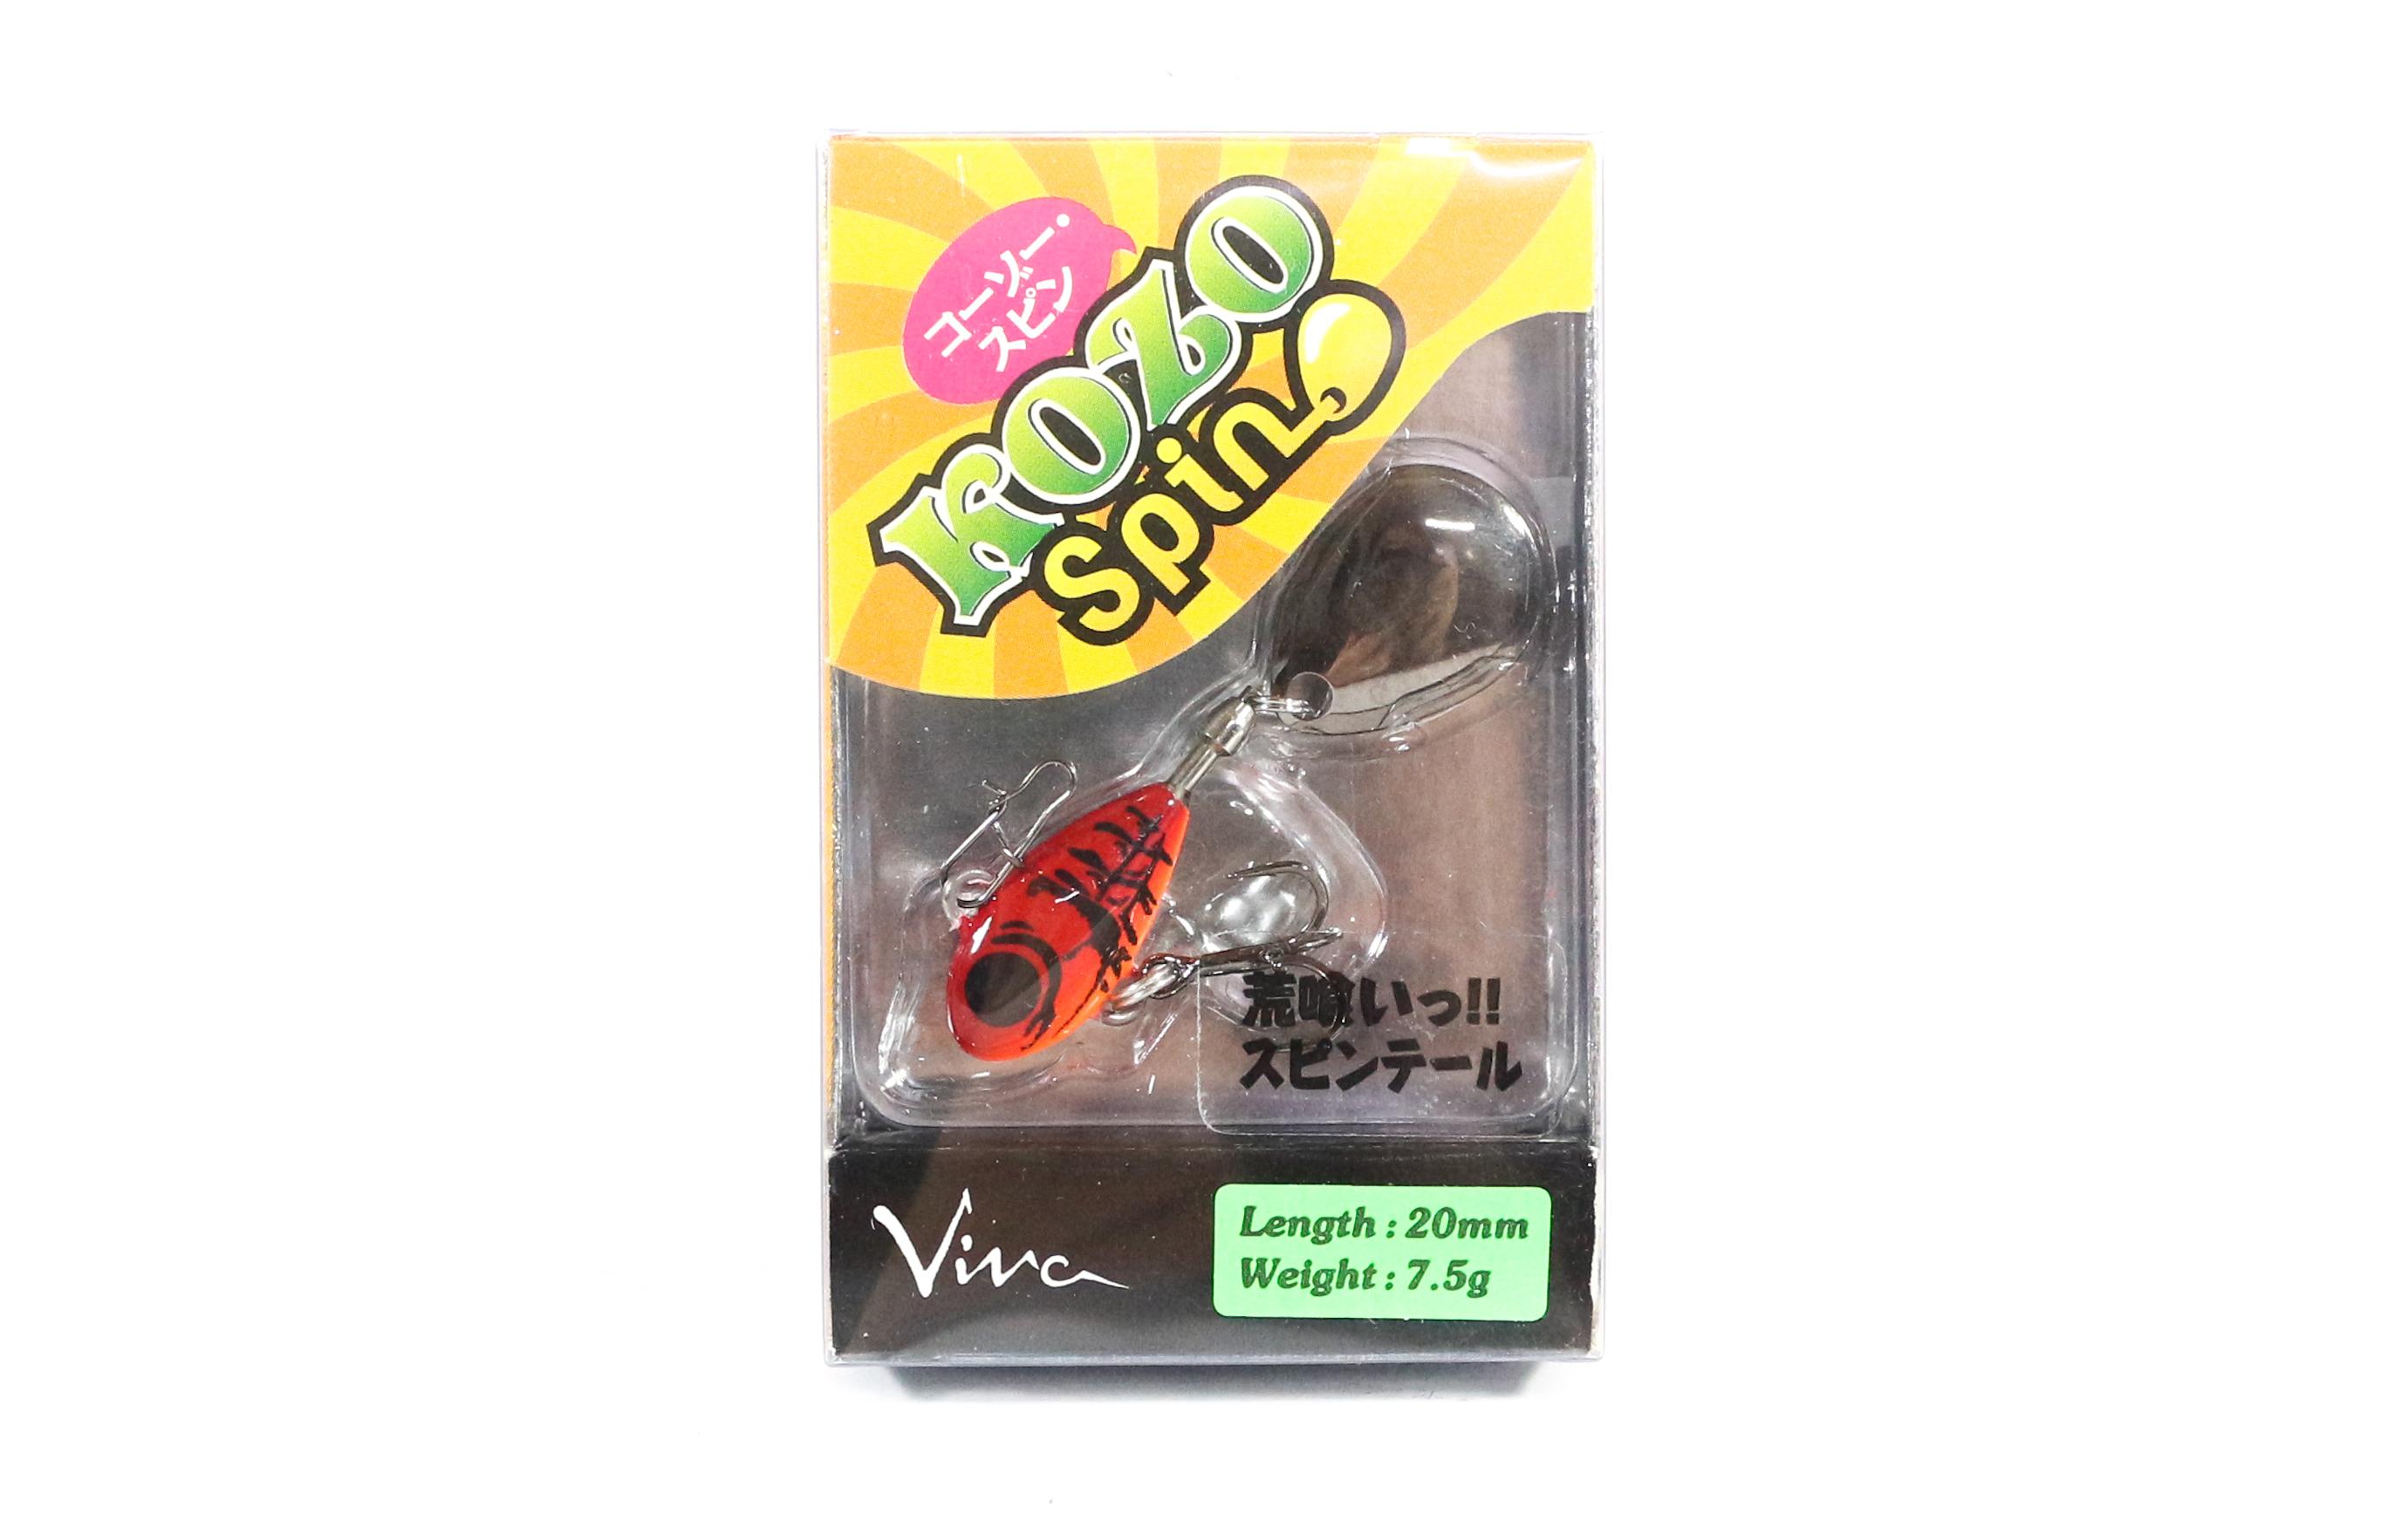 Viva Kozo Spin 7.5 grams Spinner Bait Lure 141 (5409)